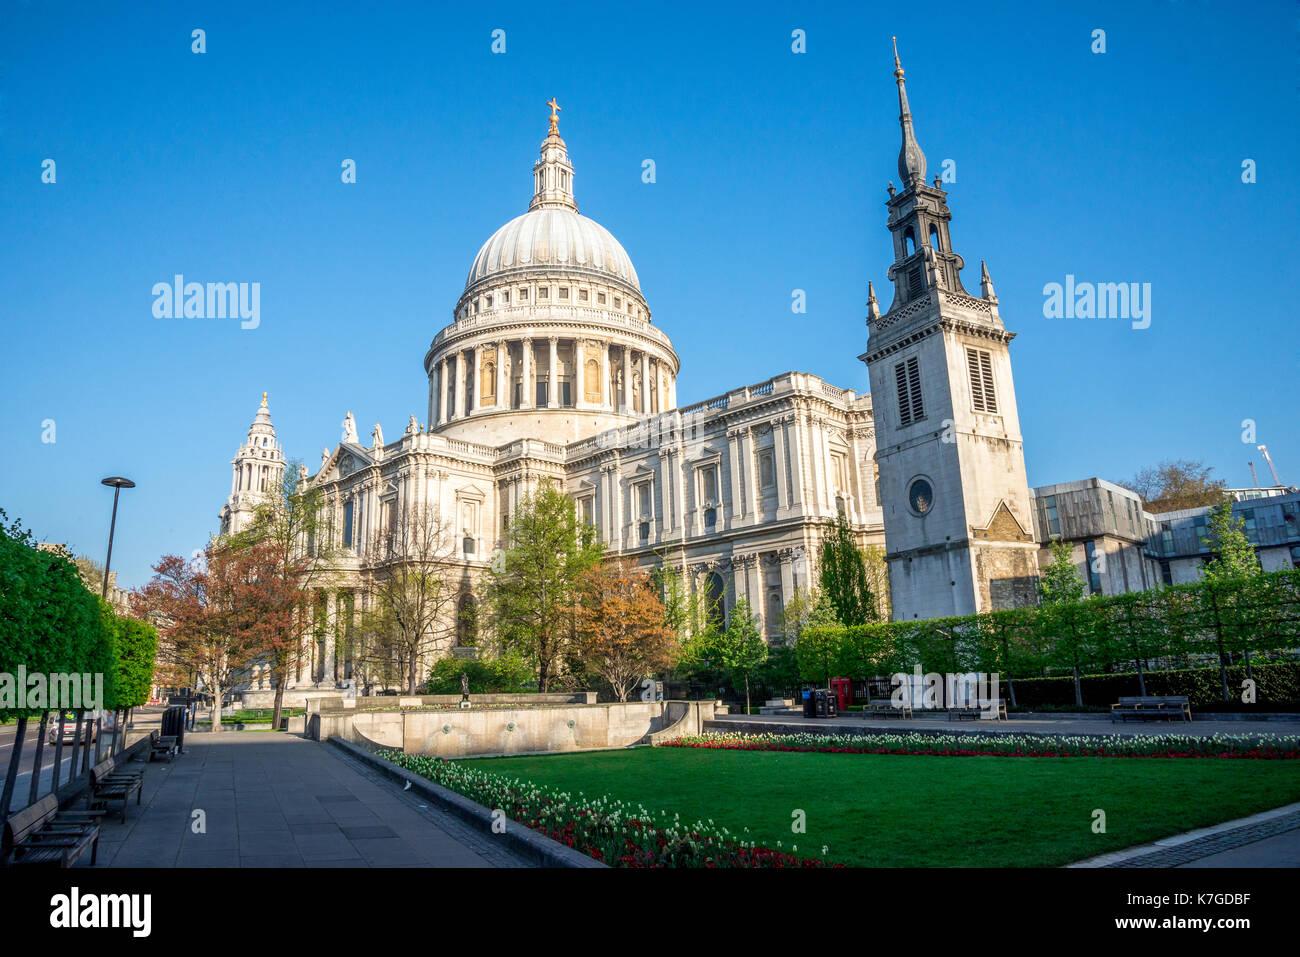 Ein Blick auf die St. Paul's Kathedrale von Festival Gärten im Zentrum von London, Großbritannien Stockbild